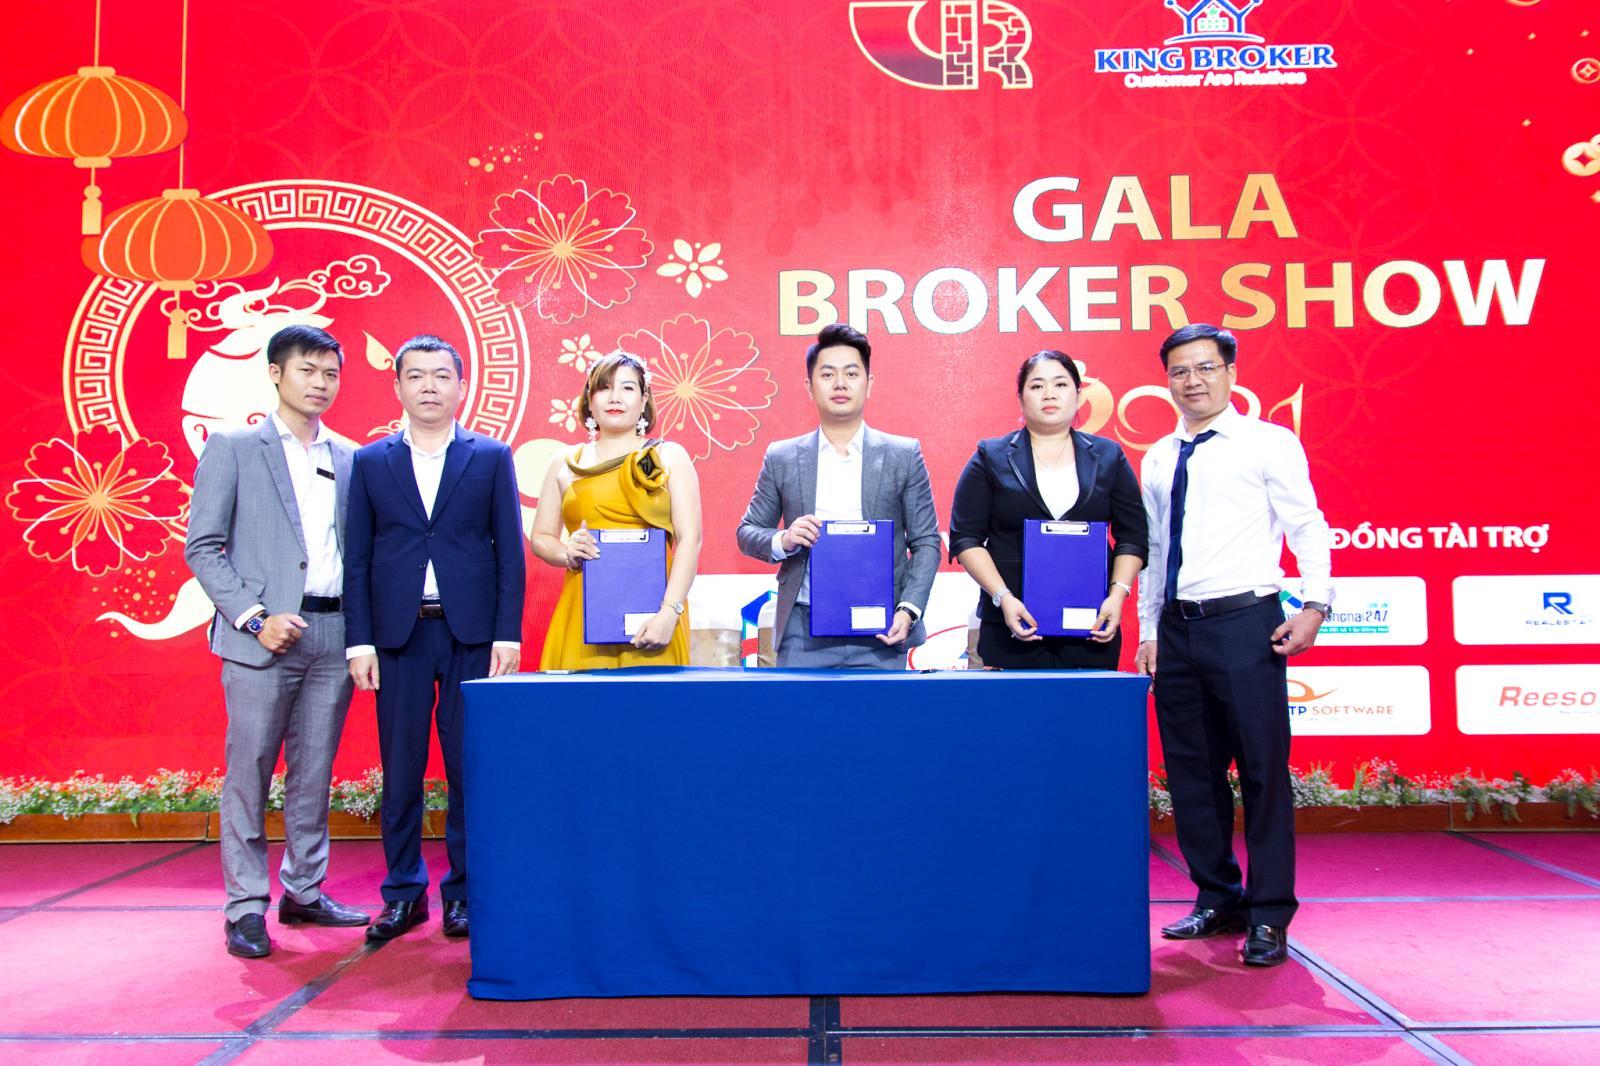 hình ảnh Gala Broker Show của KingBroker